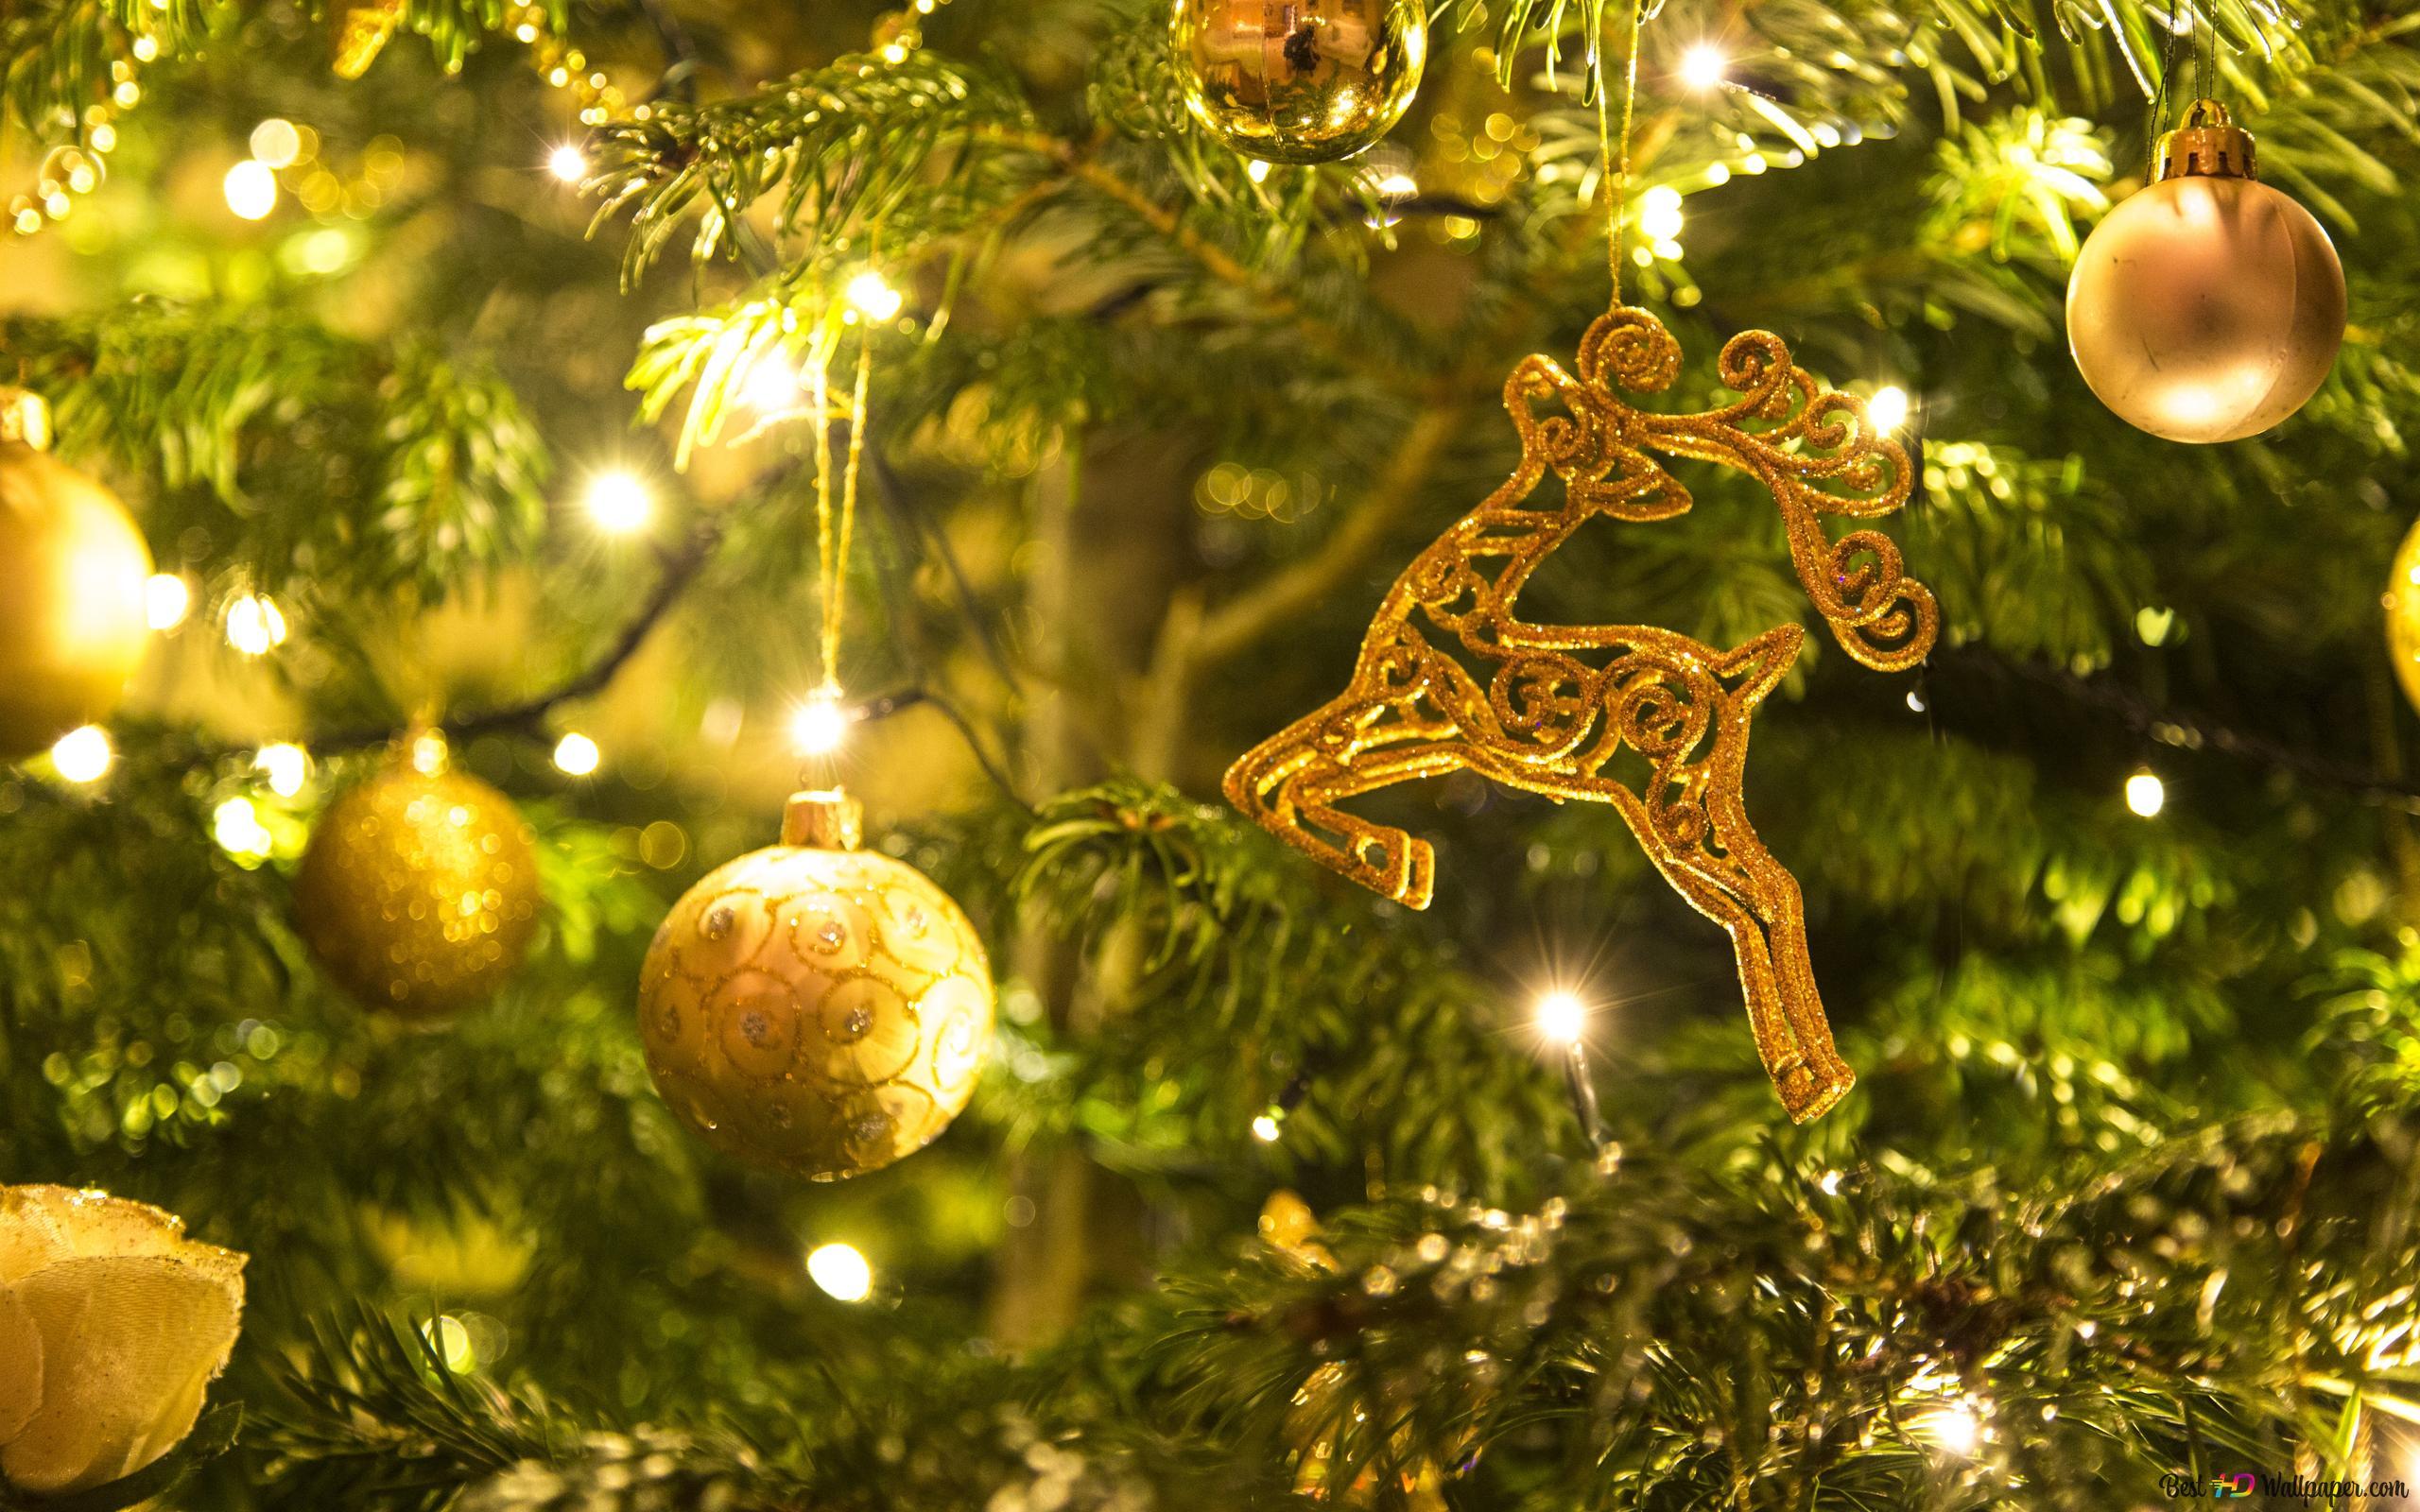 クリスマスツリー Hd壁紙のダウンロード